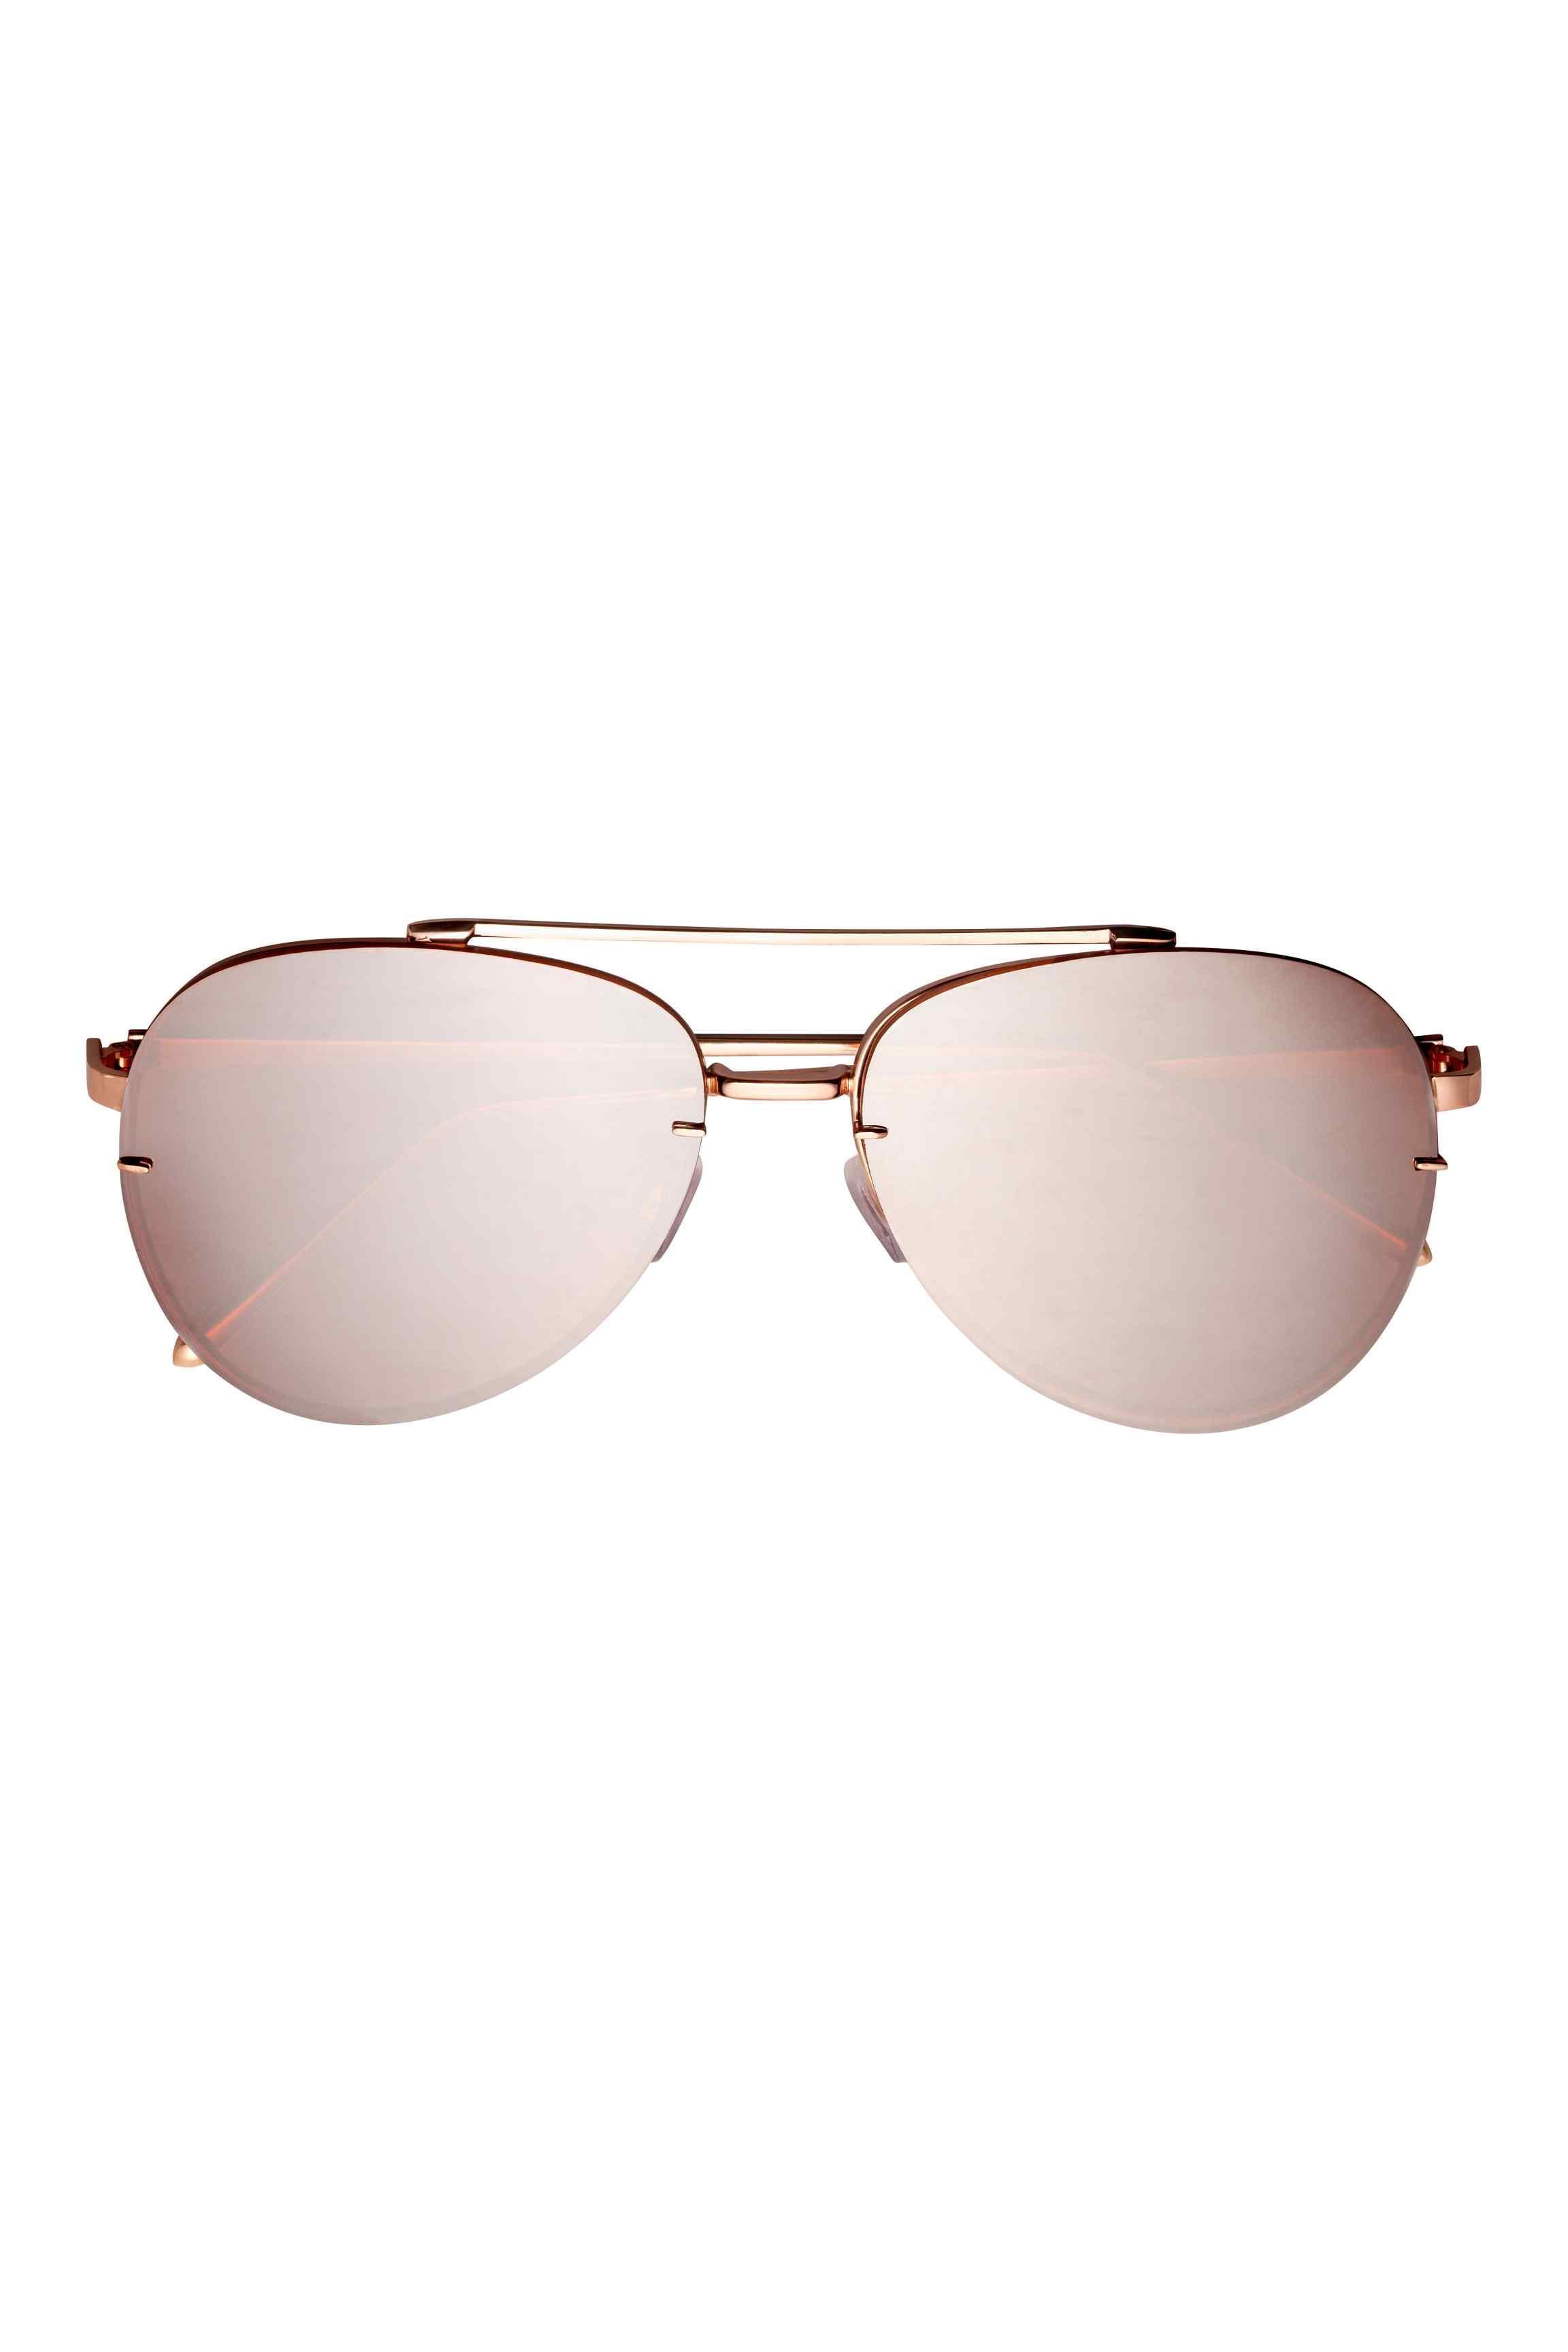 b4a2294611 H M Sunglasses in Pink - Lyst